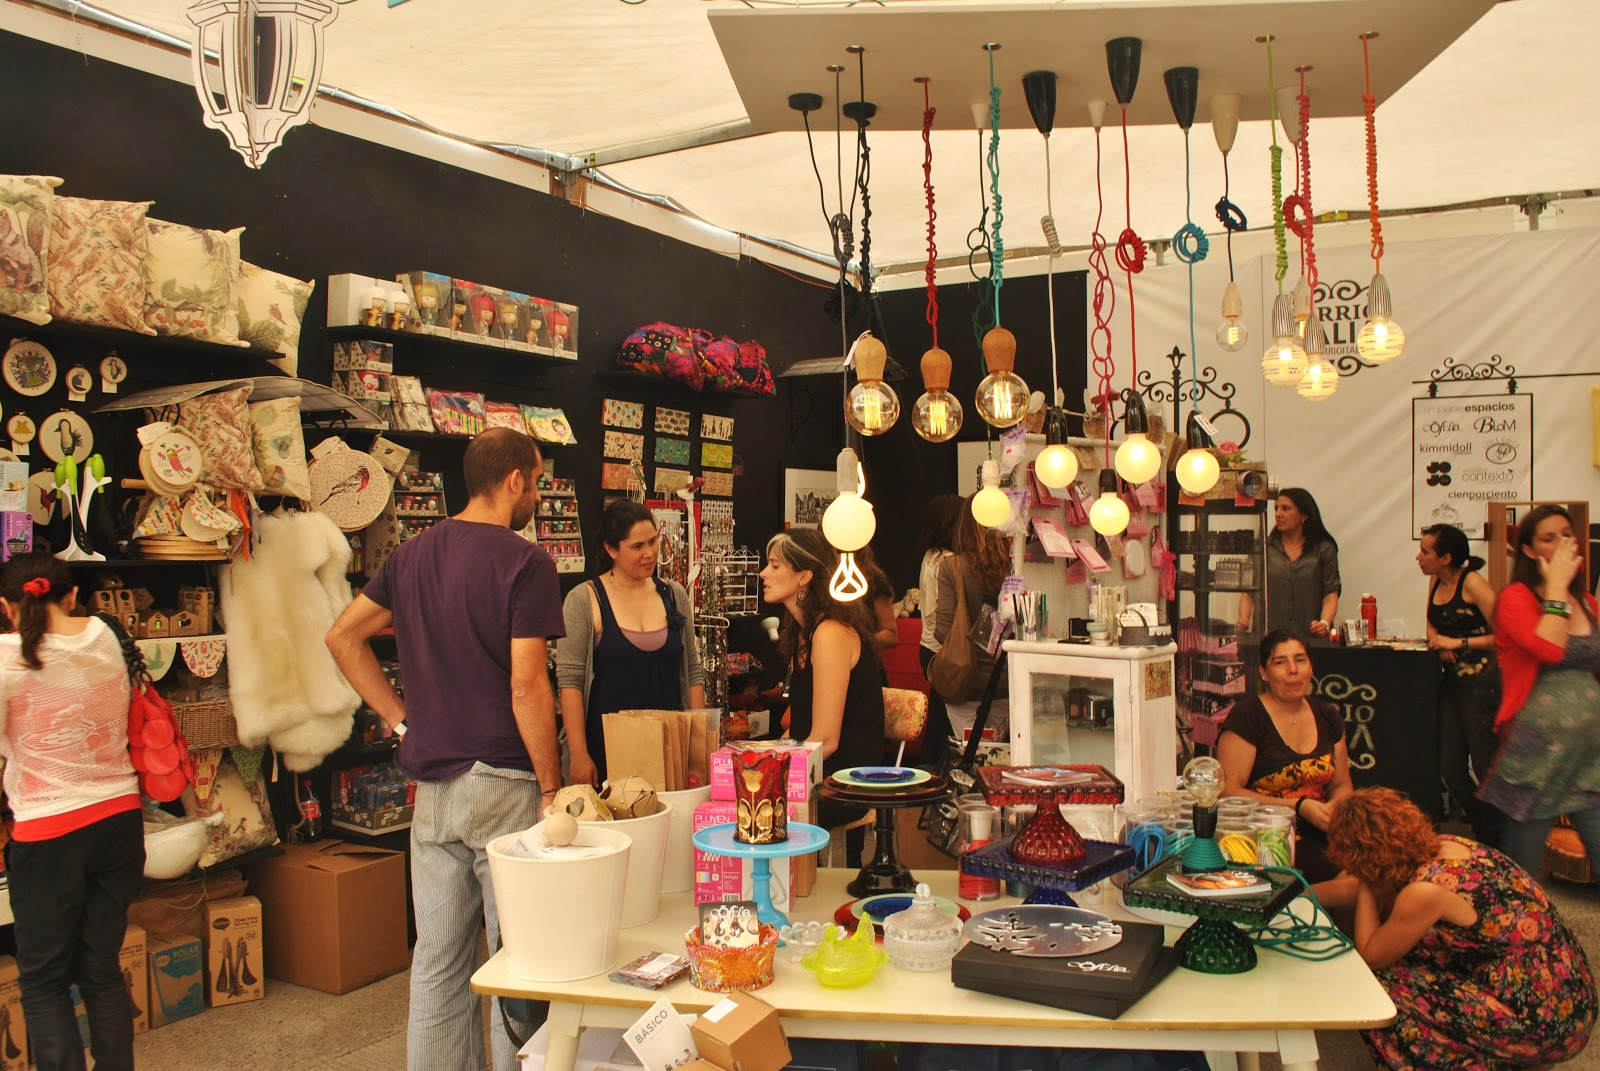 Doradoamor las secuelas del bazar ed 2012 for Bazar decoracion